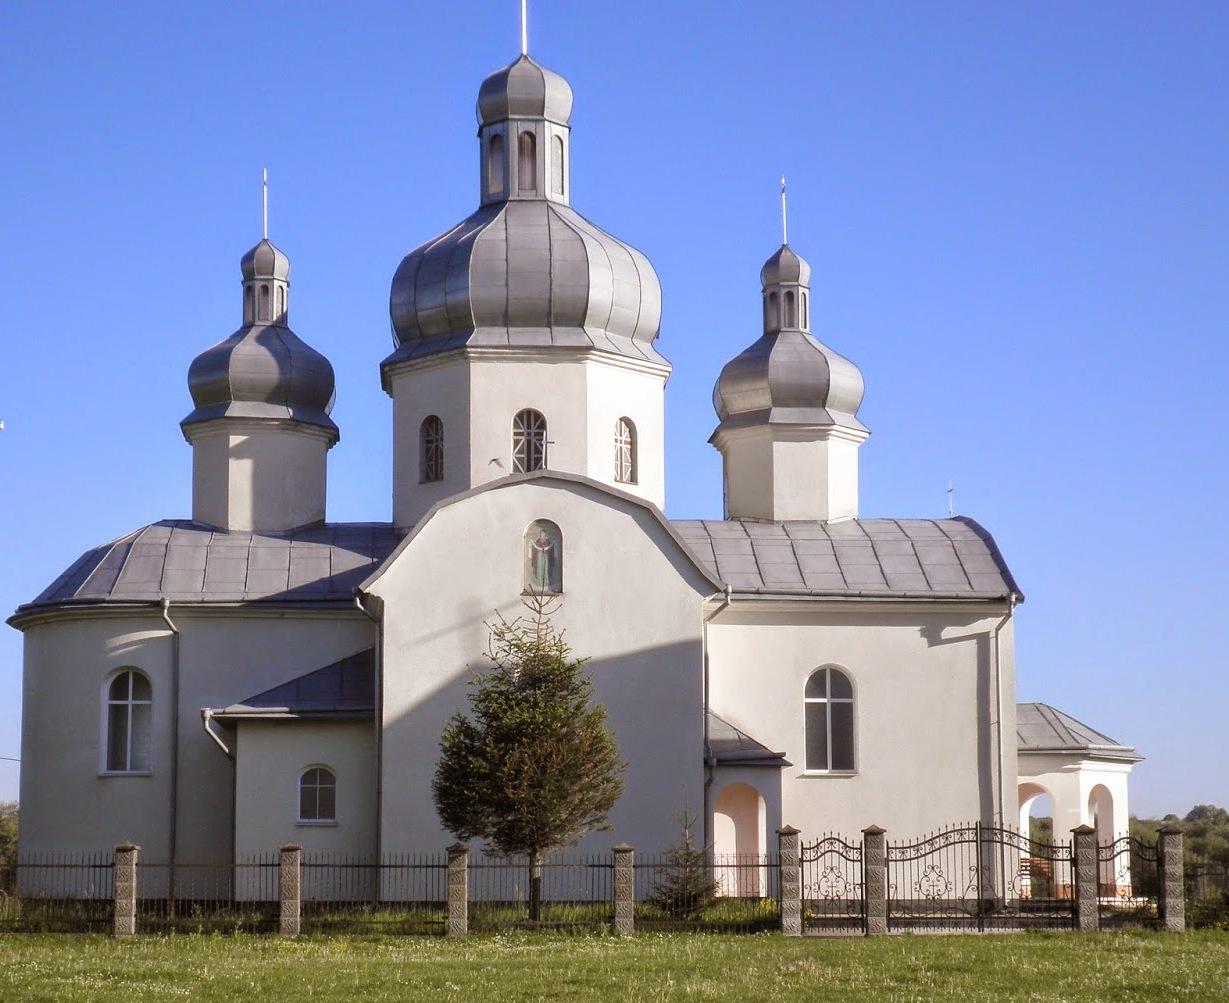 vitannia miskoho holovy Bohdana Yuzviaka iz khramovym sviatom Pokrov Presviatoi Bohorodytsi u seli Kruzhyky